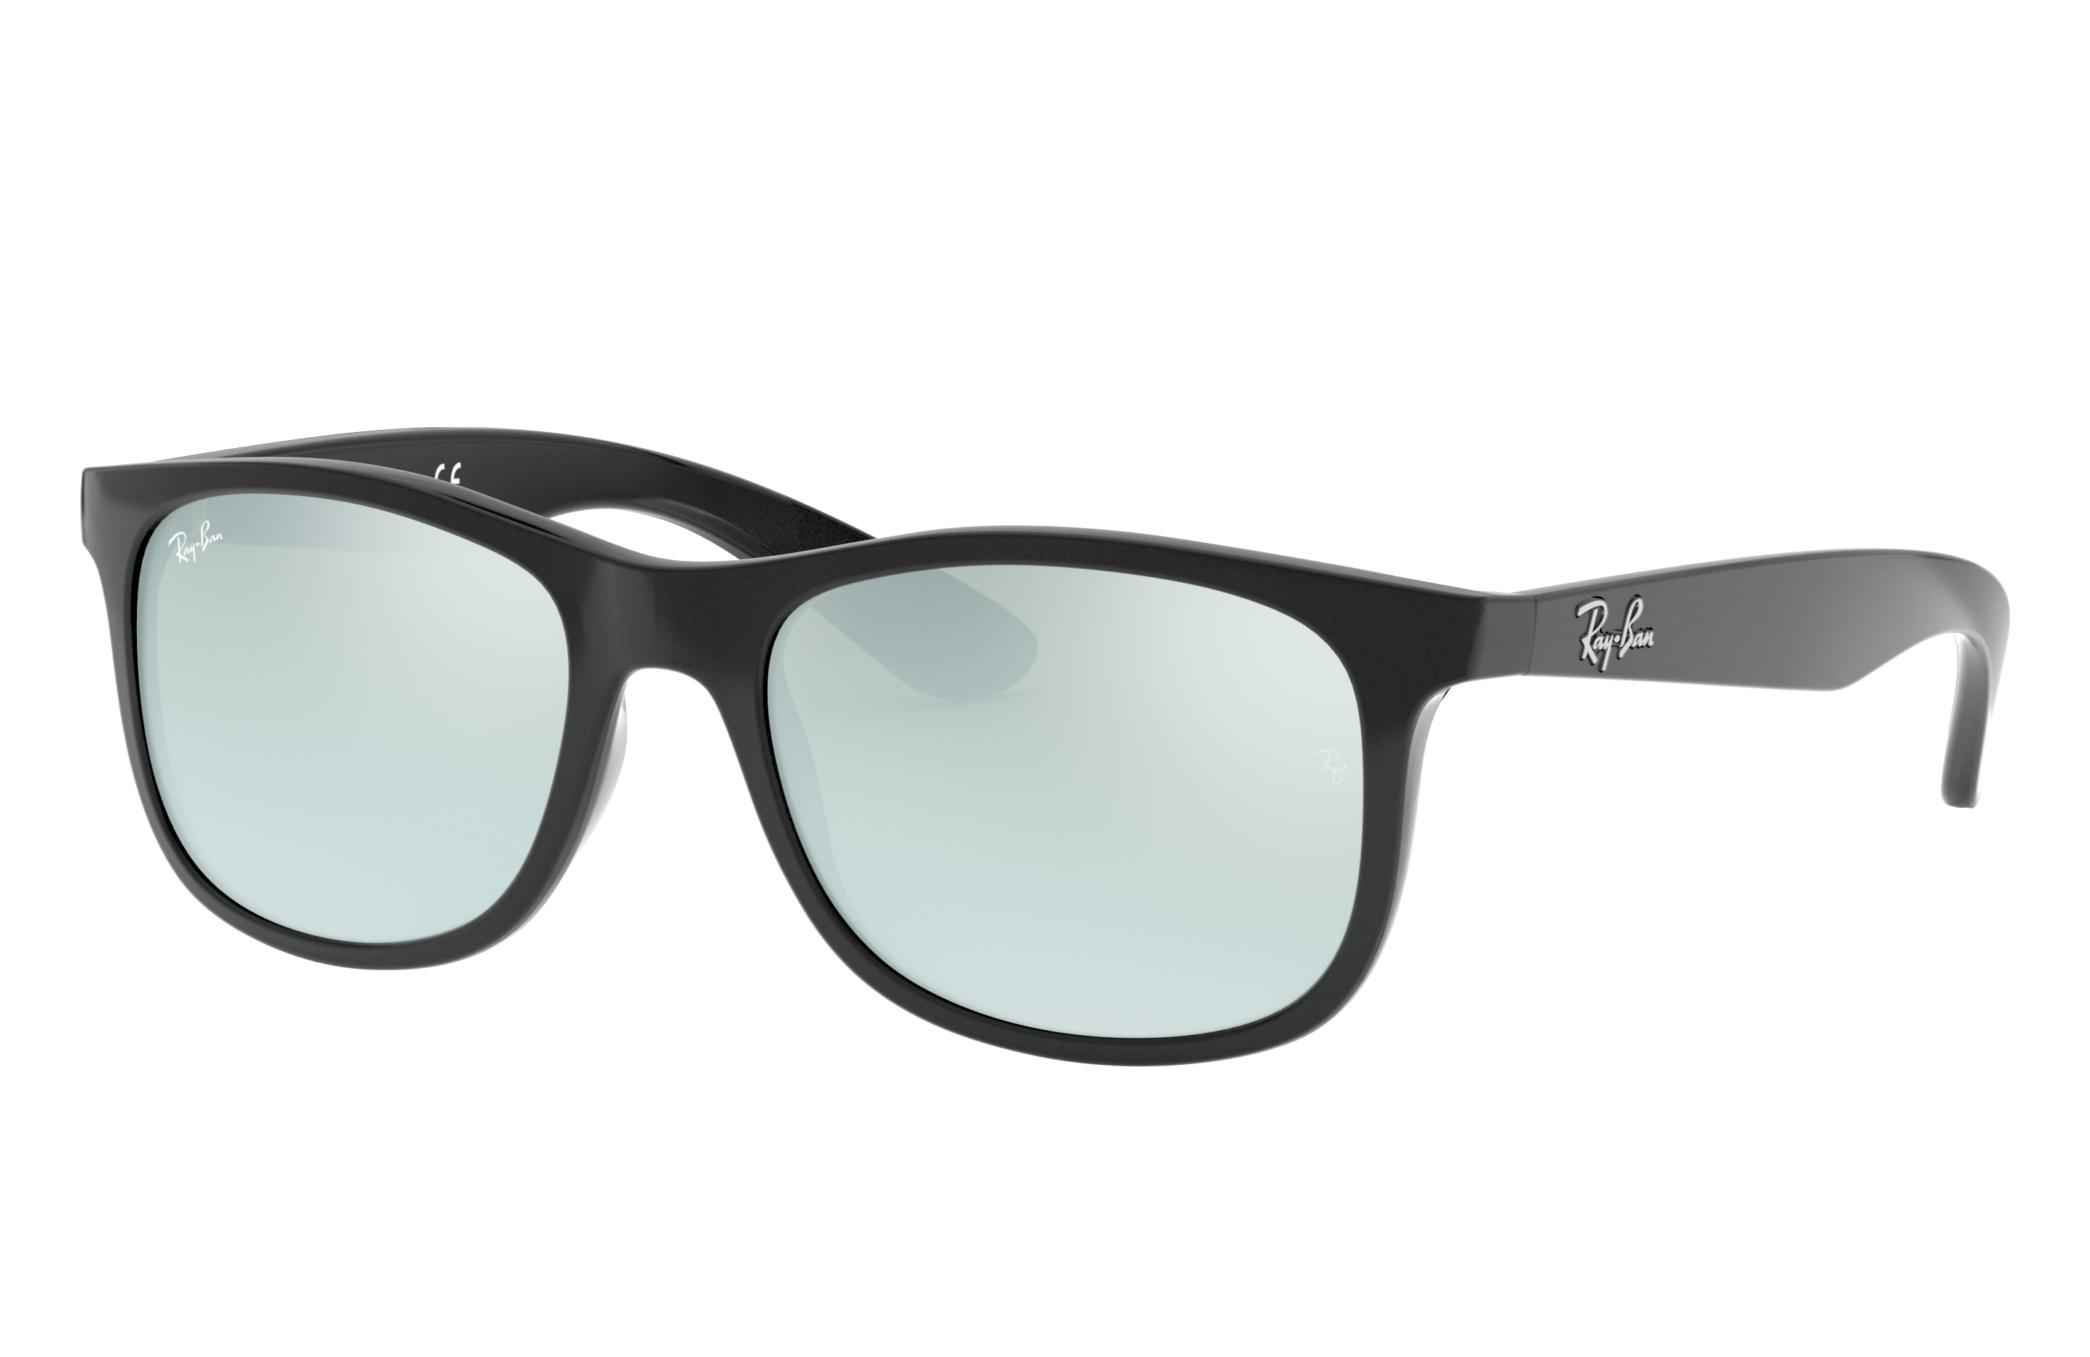 Ray-Ban Rj9062s Black, Gray Lenses - RJ9062S